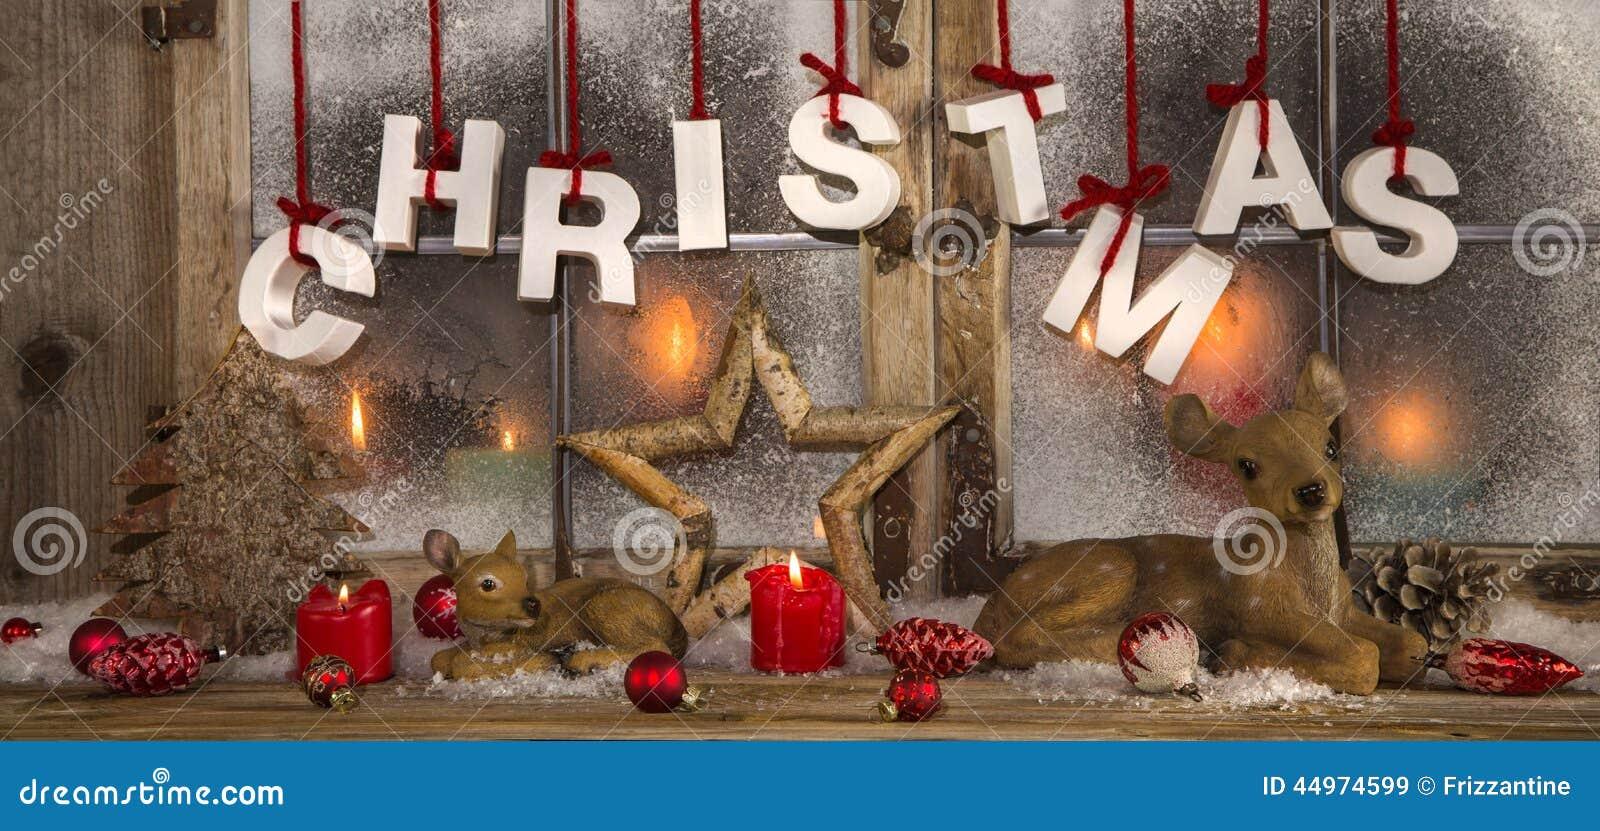 romantische weihnachtsdekoration mit kerzen im roten und wei en colo stockbild bild von. Black Bedroom Furniture Sets. Home Design Ideas